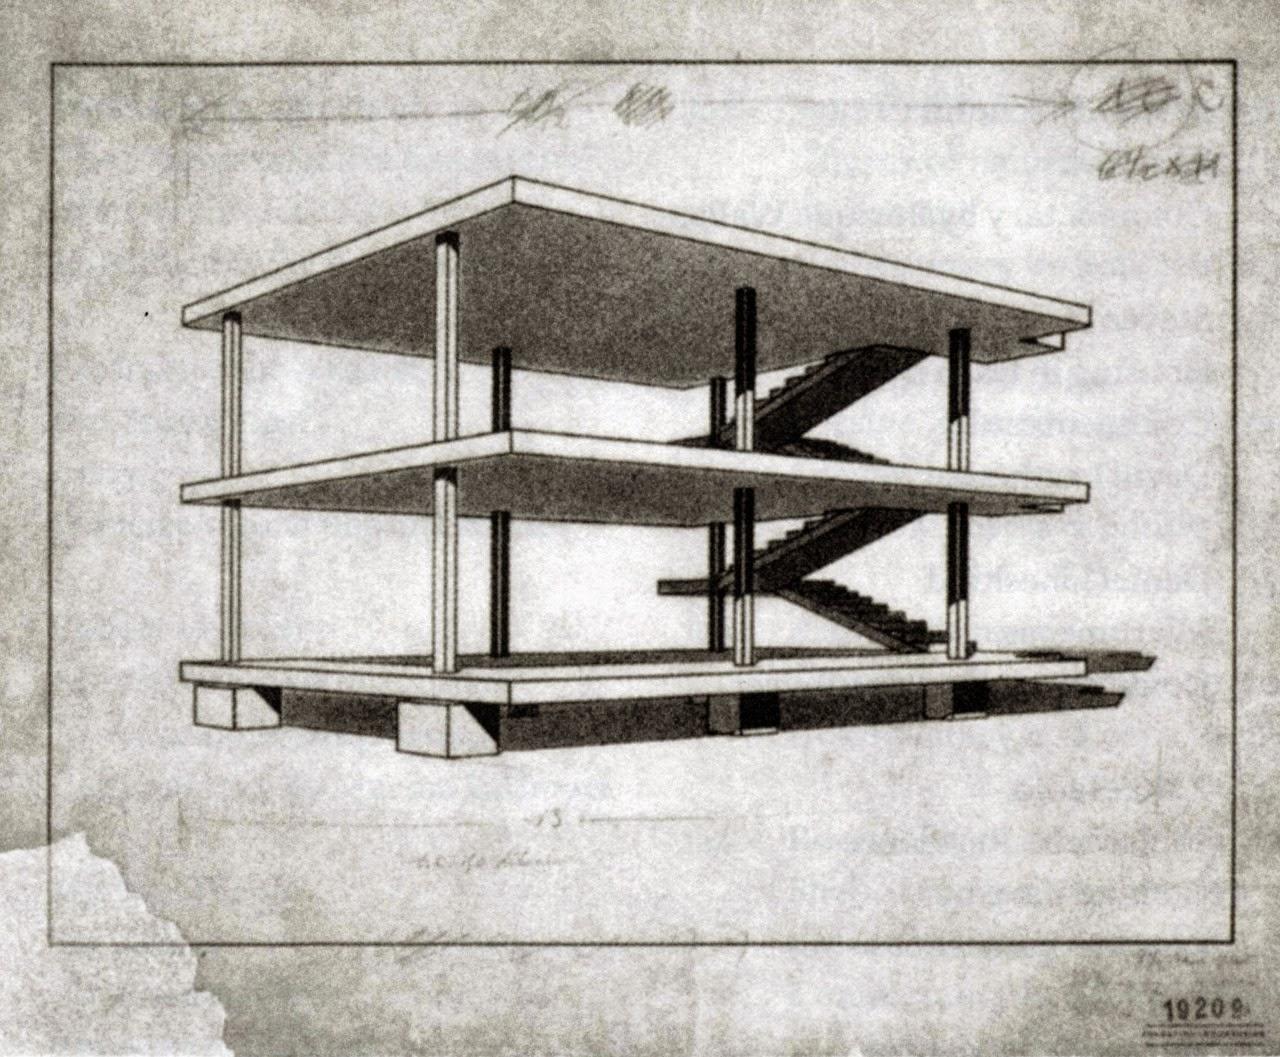 Neues bauen modernist migration jhennifer a amundson for 5 points corbusier